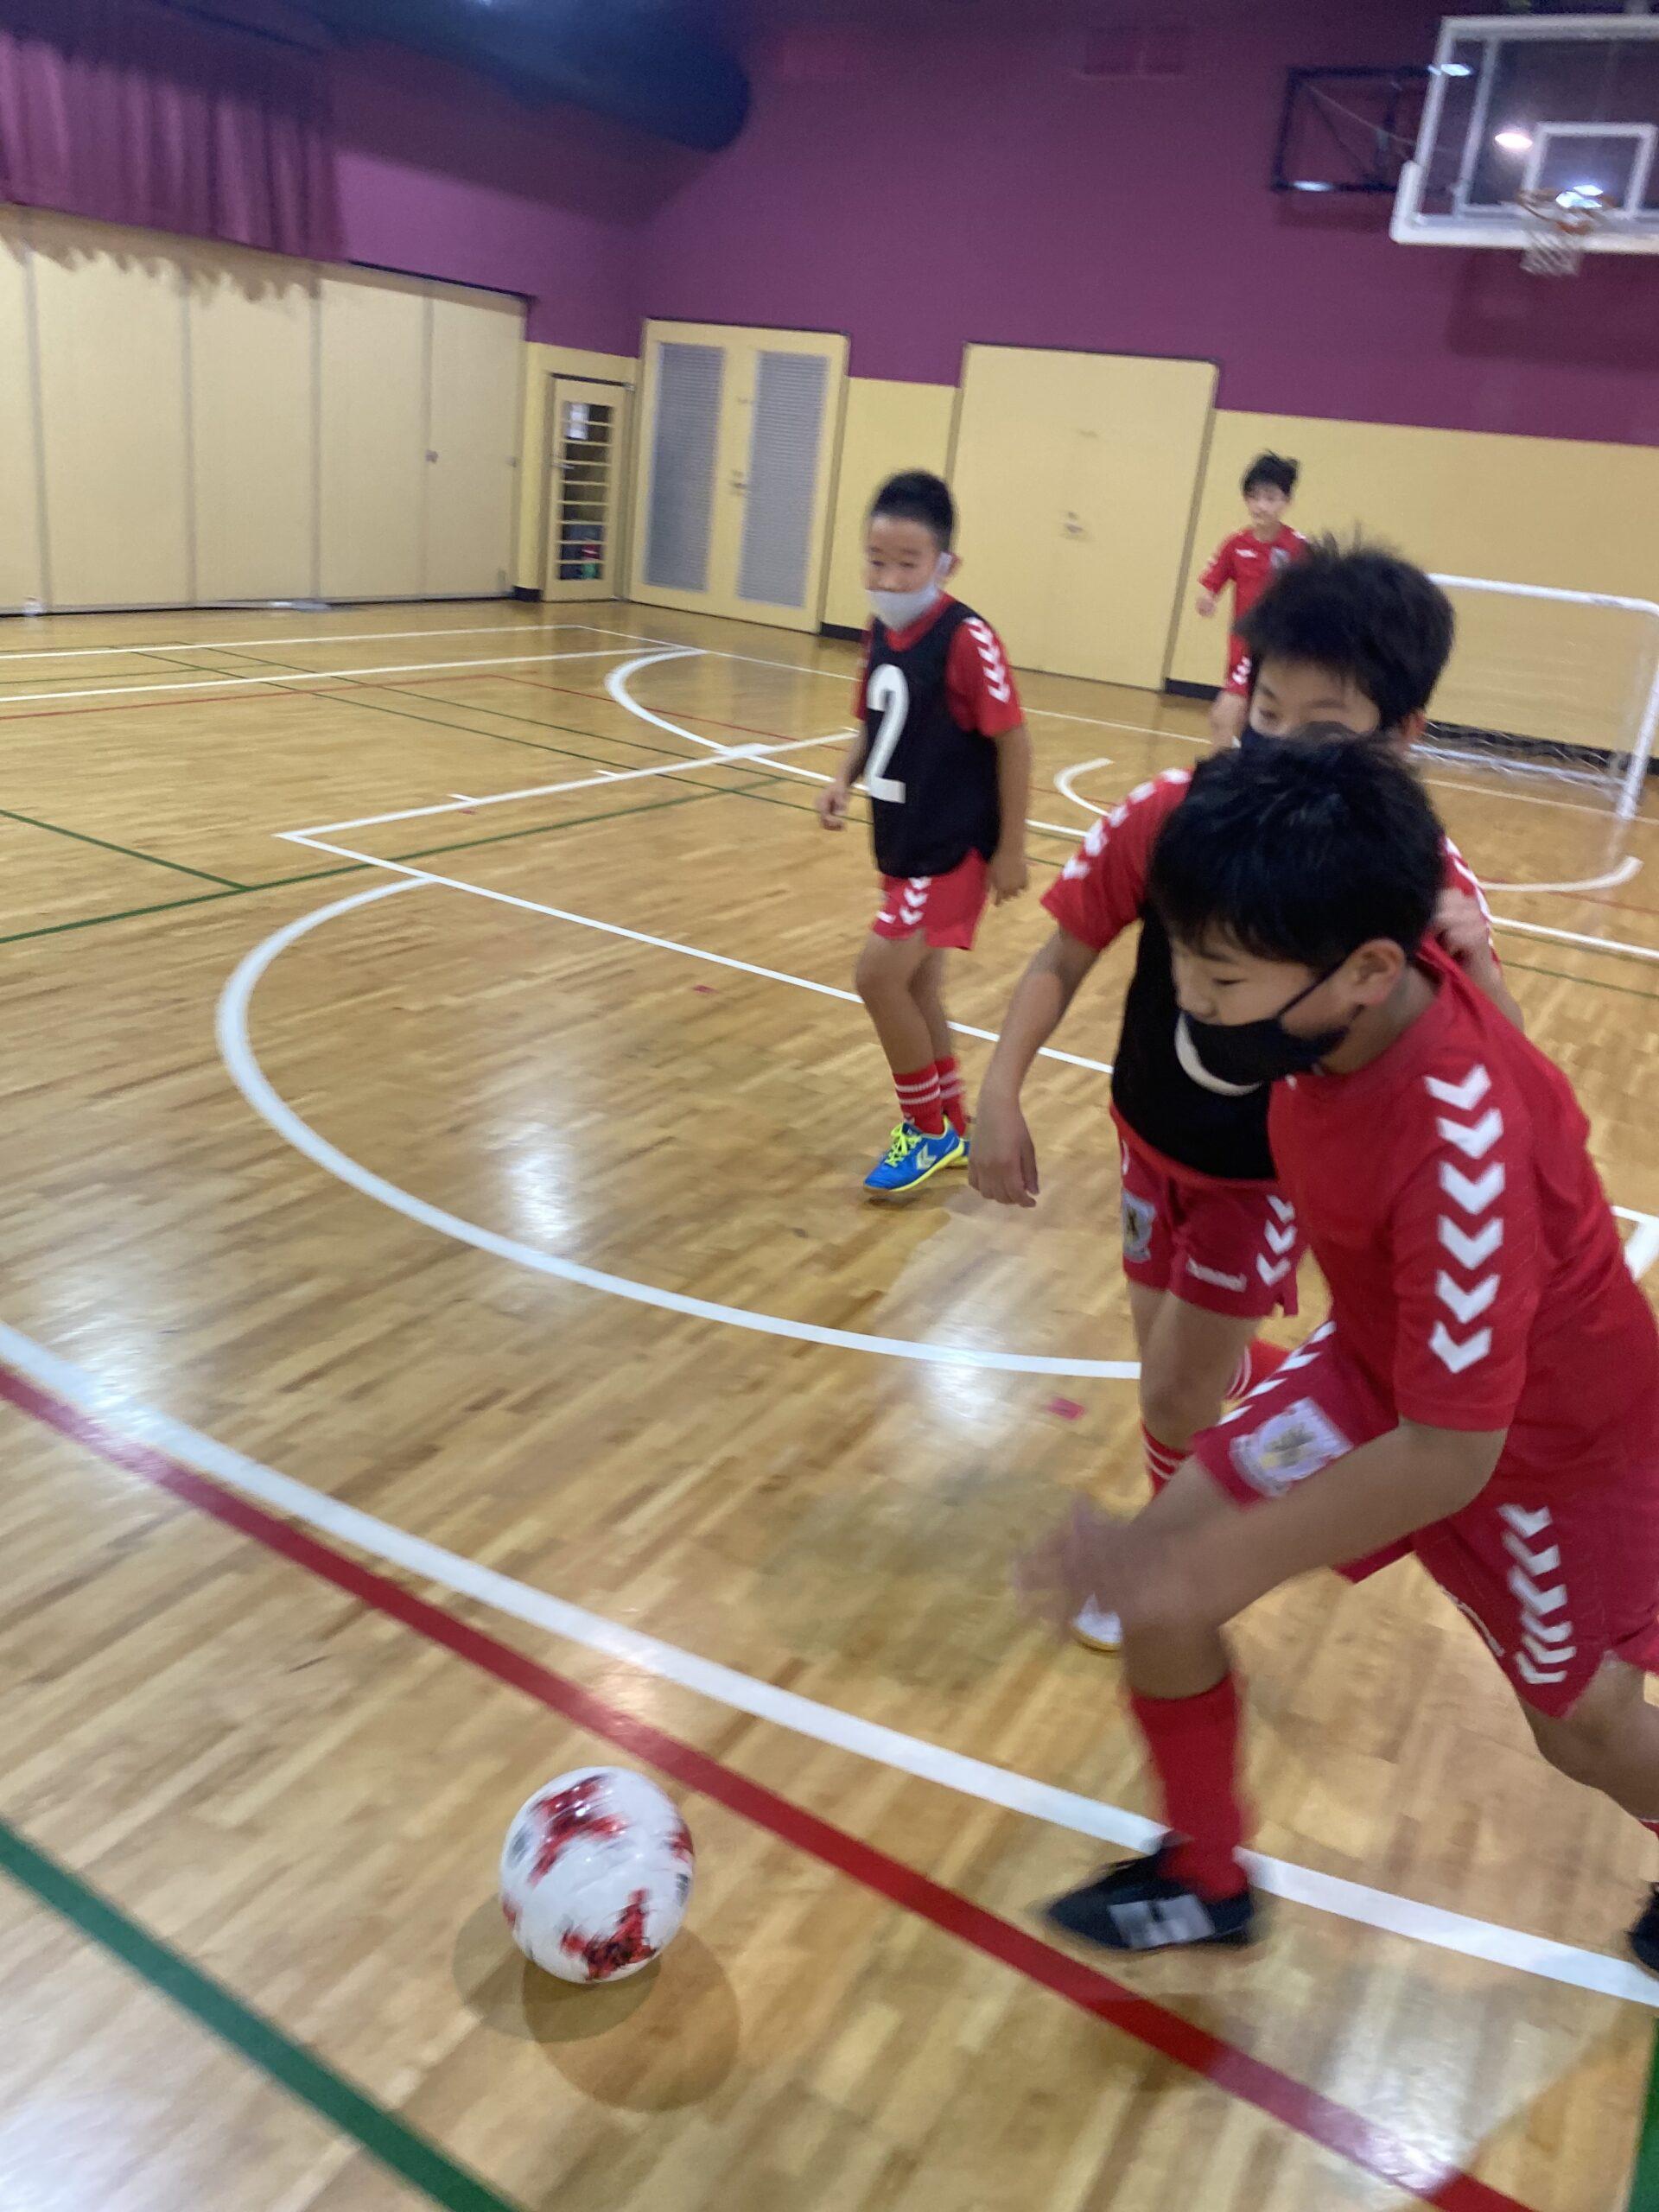 【長久手校・愛西校・NAS稲沢校】Aチームで活躍している子は危ないかもしれない。